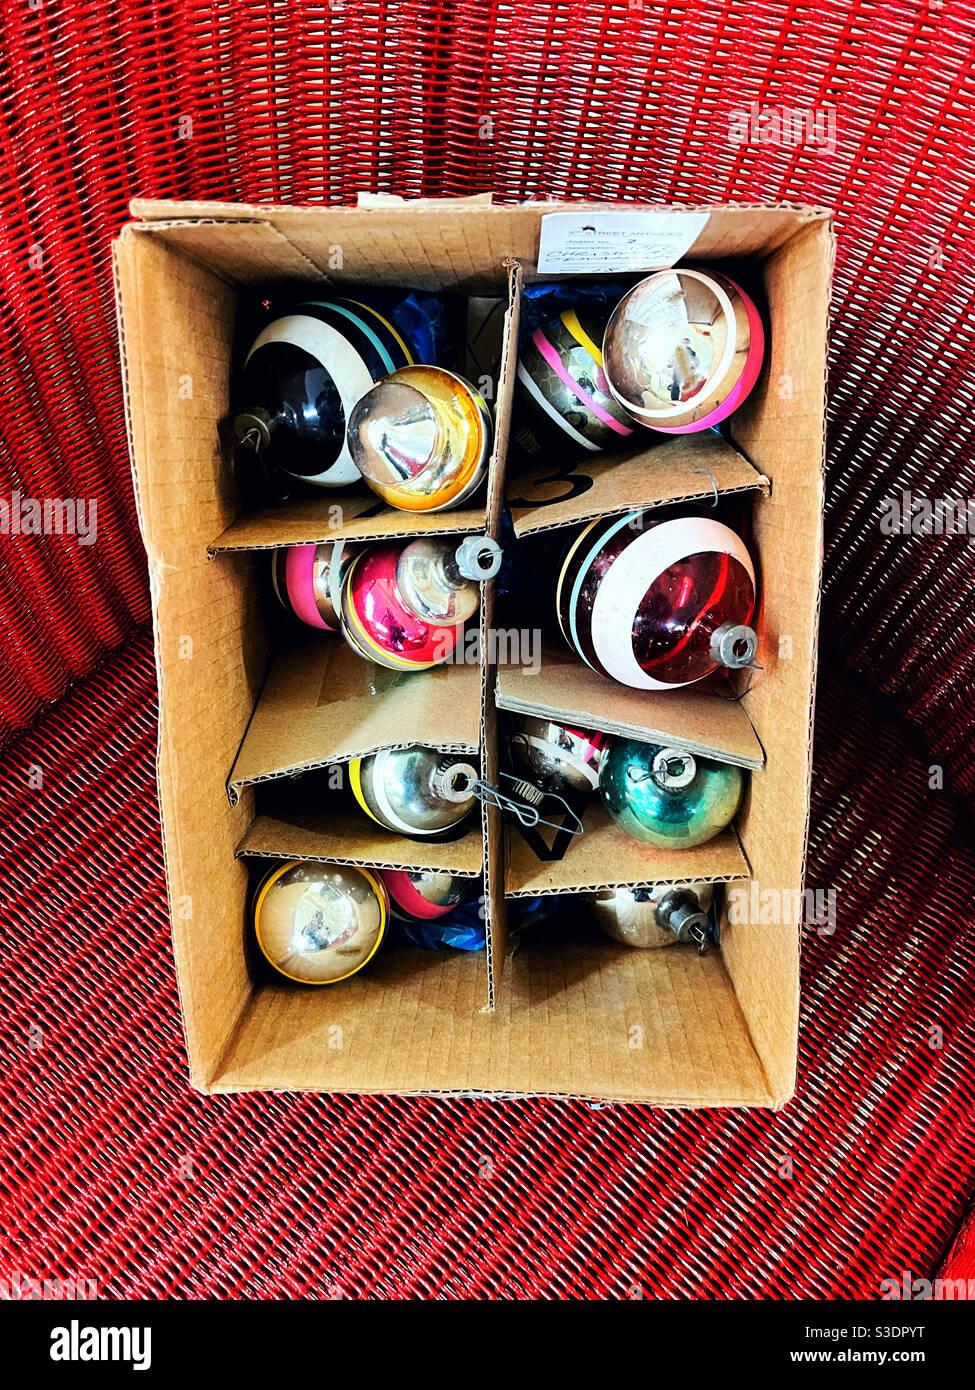 Vintage Weihnachten Blasen Ornamente in und alten Karton auf Roter Korbsessel Stockfoto